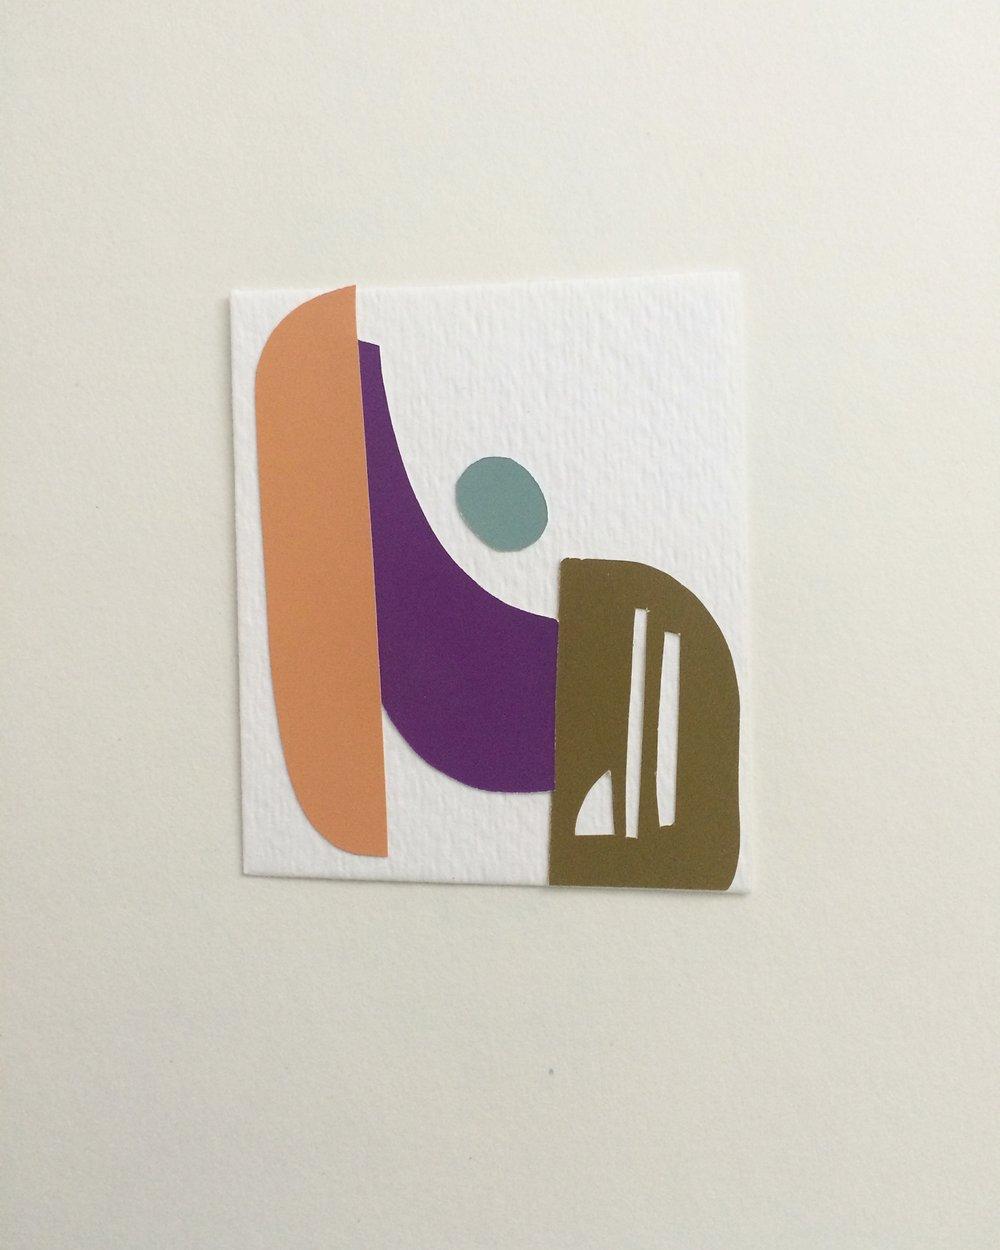 Prototype (collage) #27